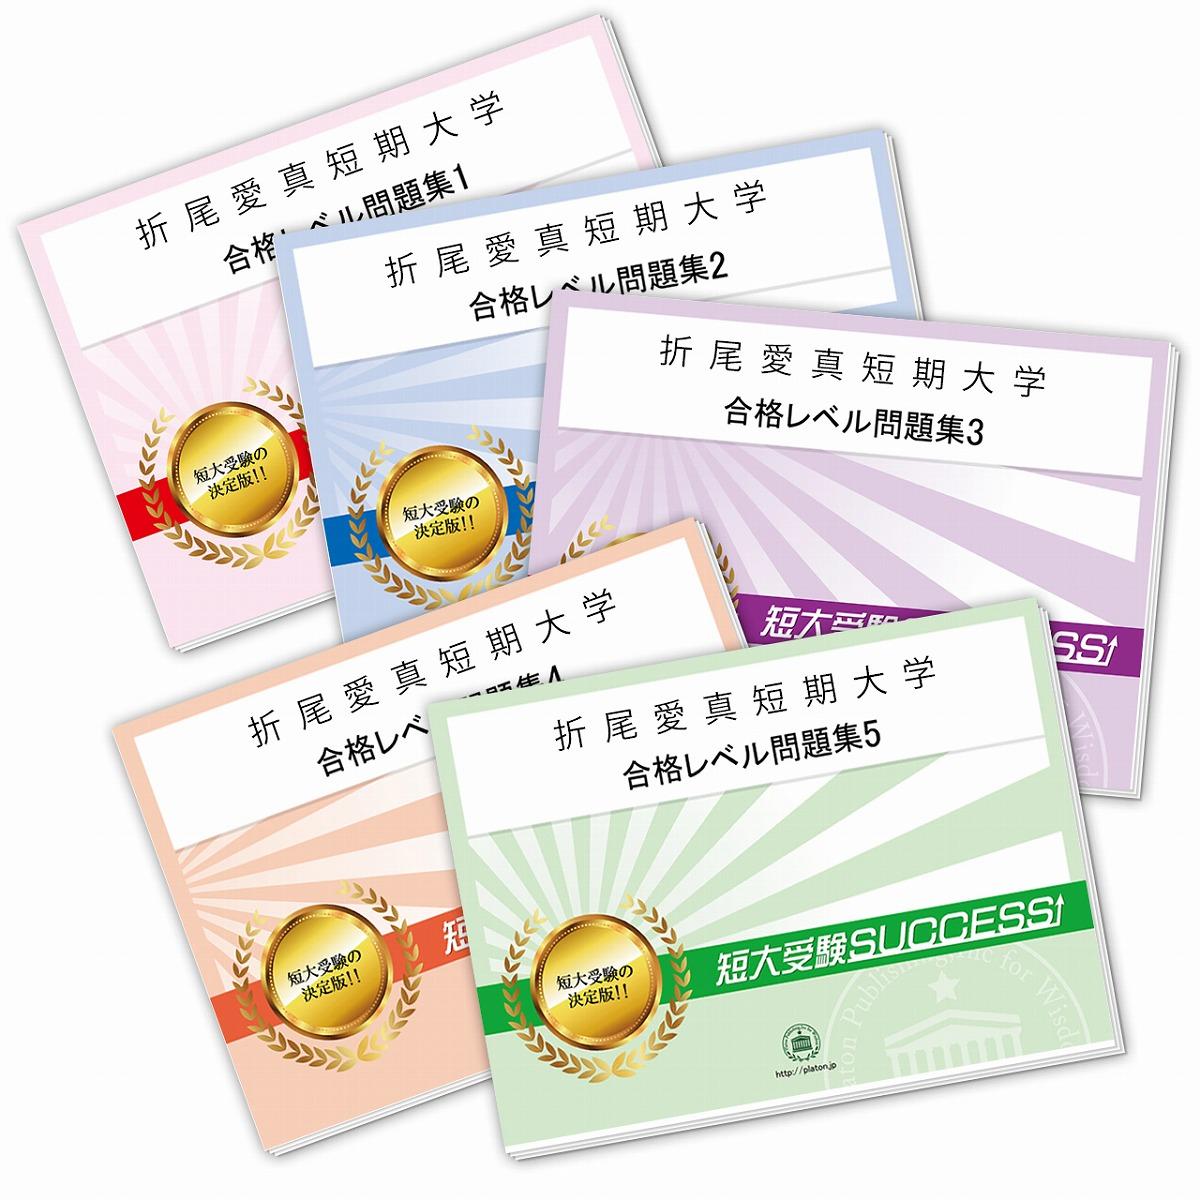 【送料・代引手数料無料】折尾愛真短期大学受験合格セット(5冊)